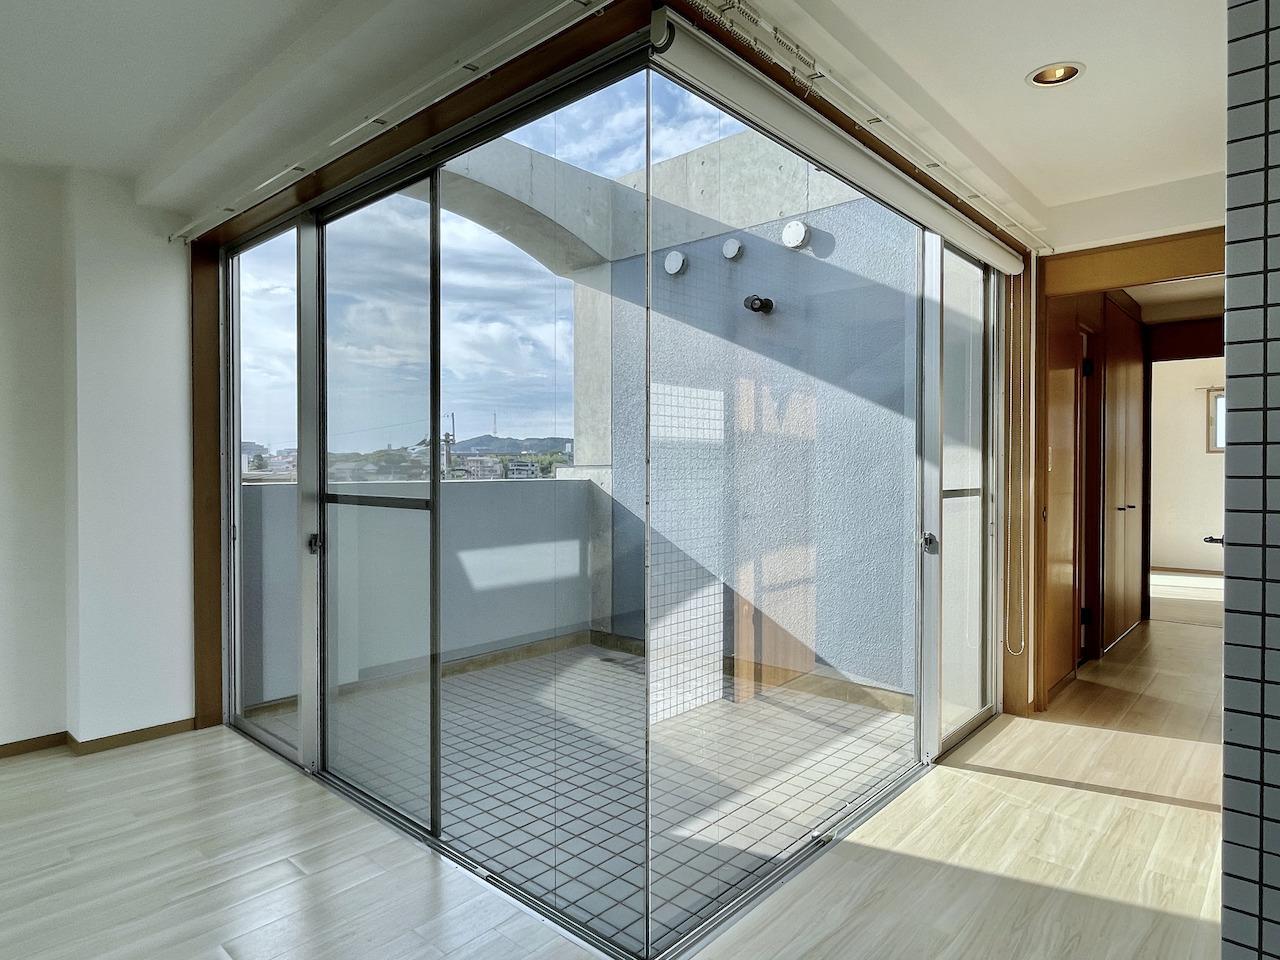 ガラス張りのテラス。癒し空間を作り上げてください。